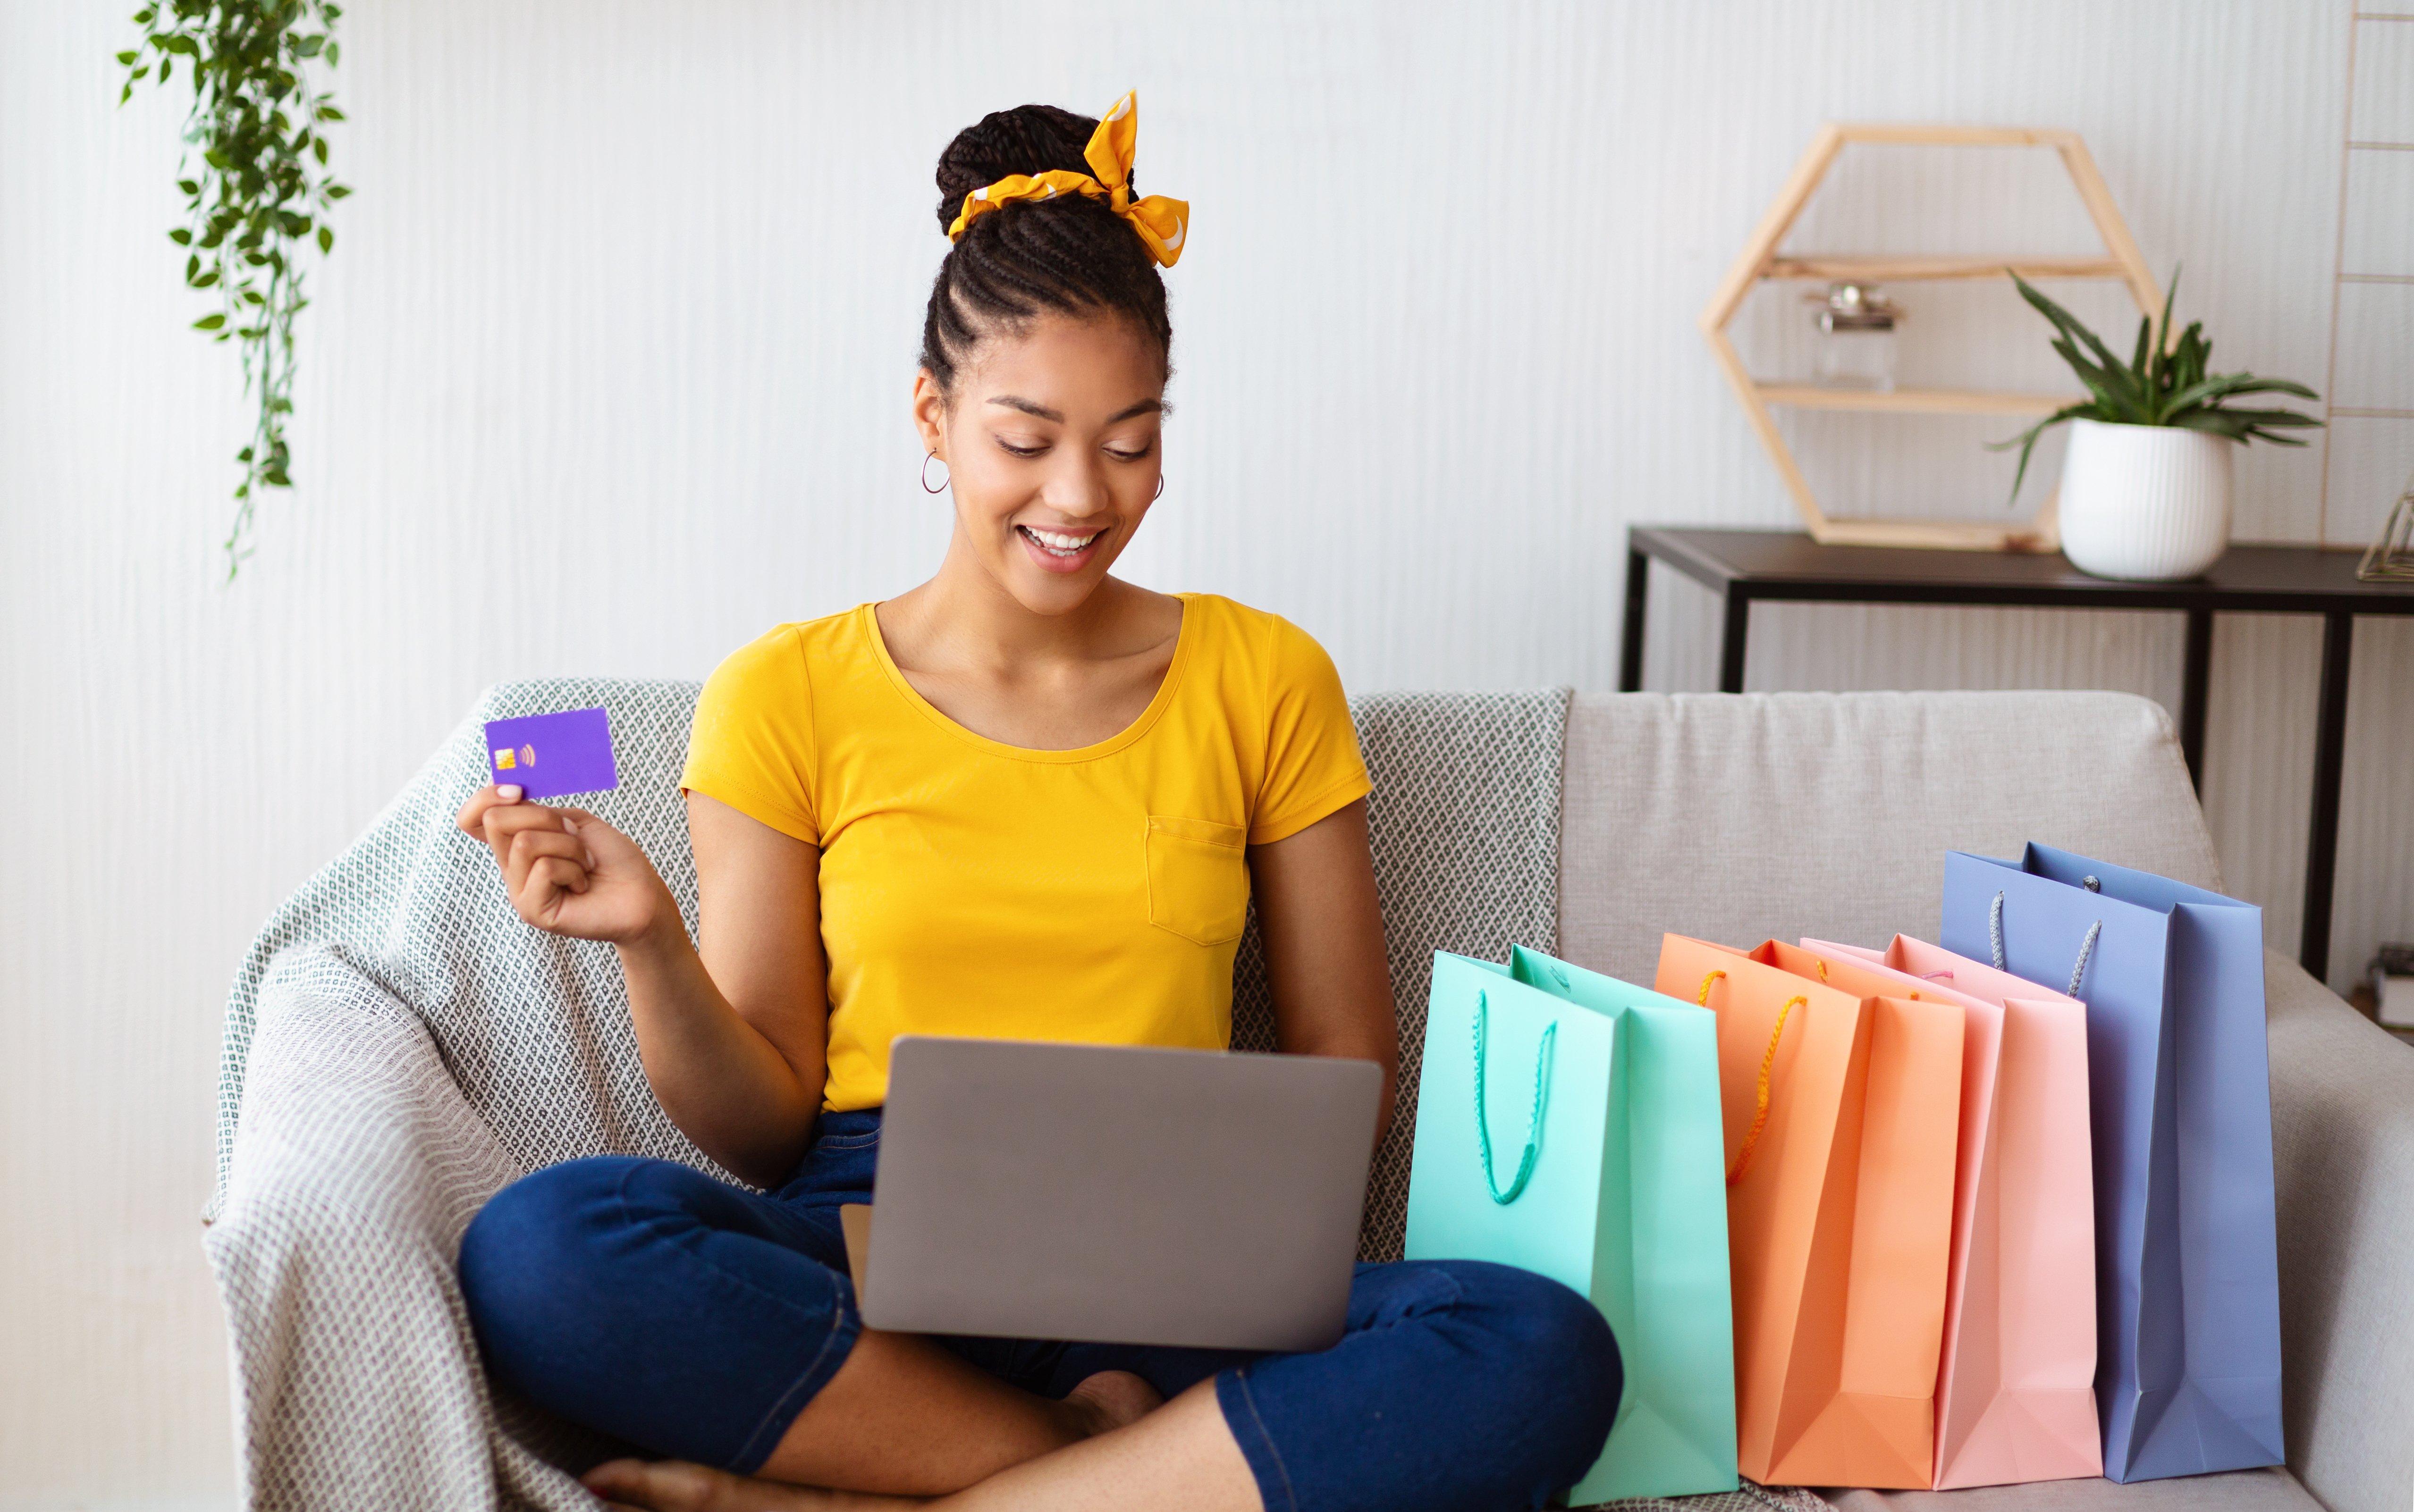 retail market research cyber monday shopper